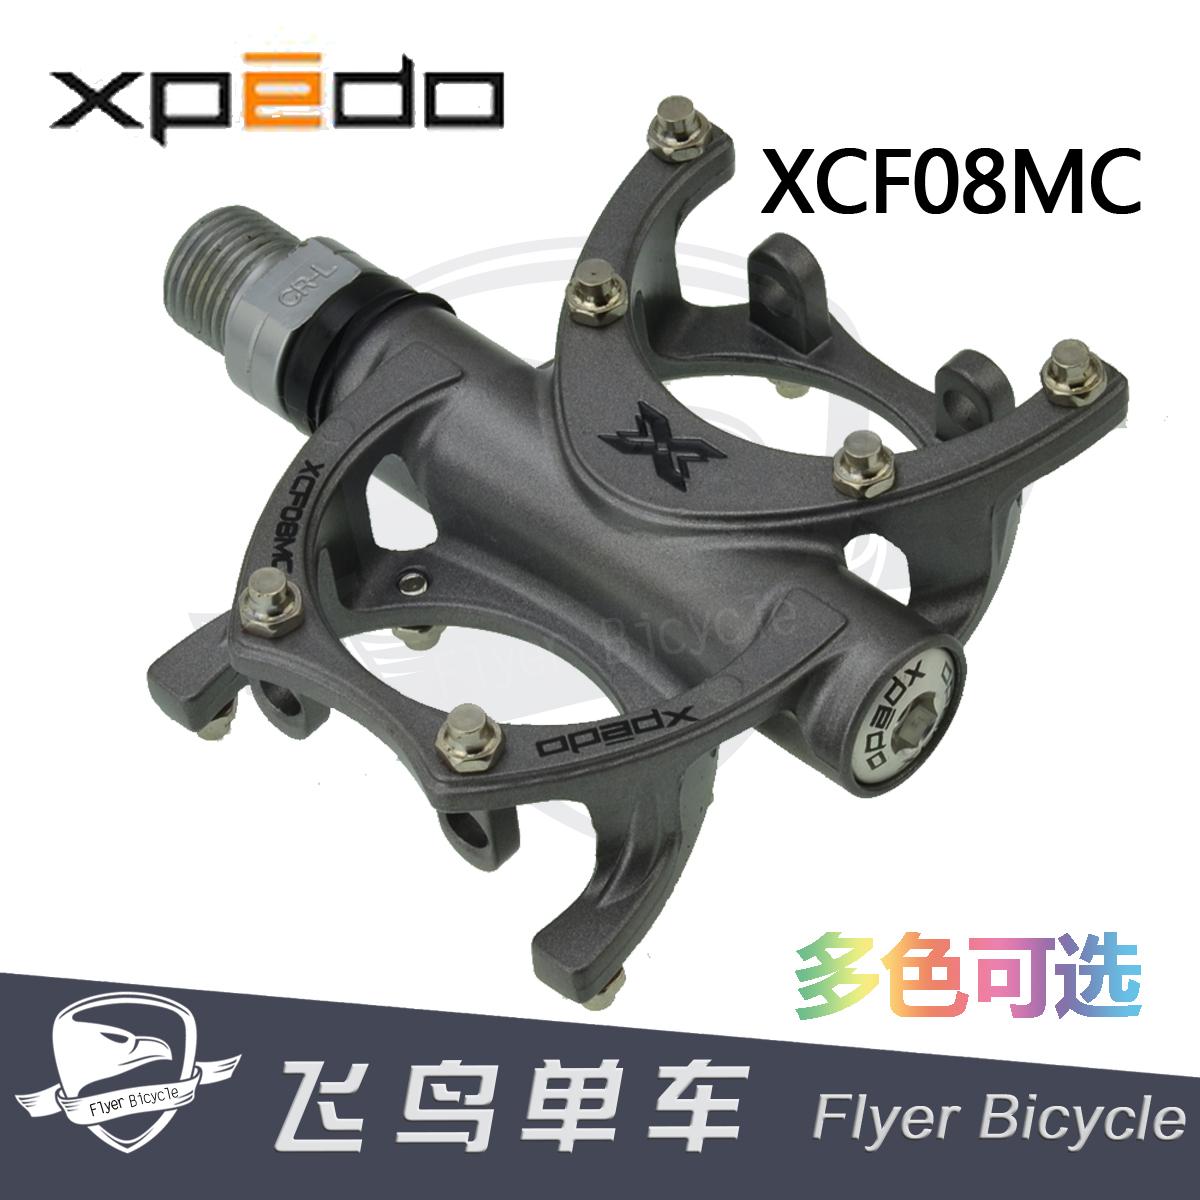 維格wellgo Xpedo 山地車 公路自行車摺疊車輕量腳踏板 XCF08MC